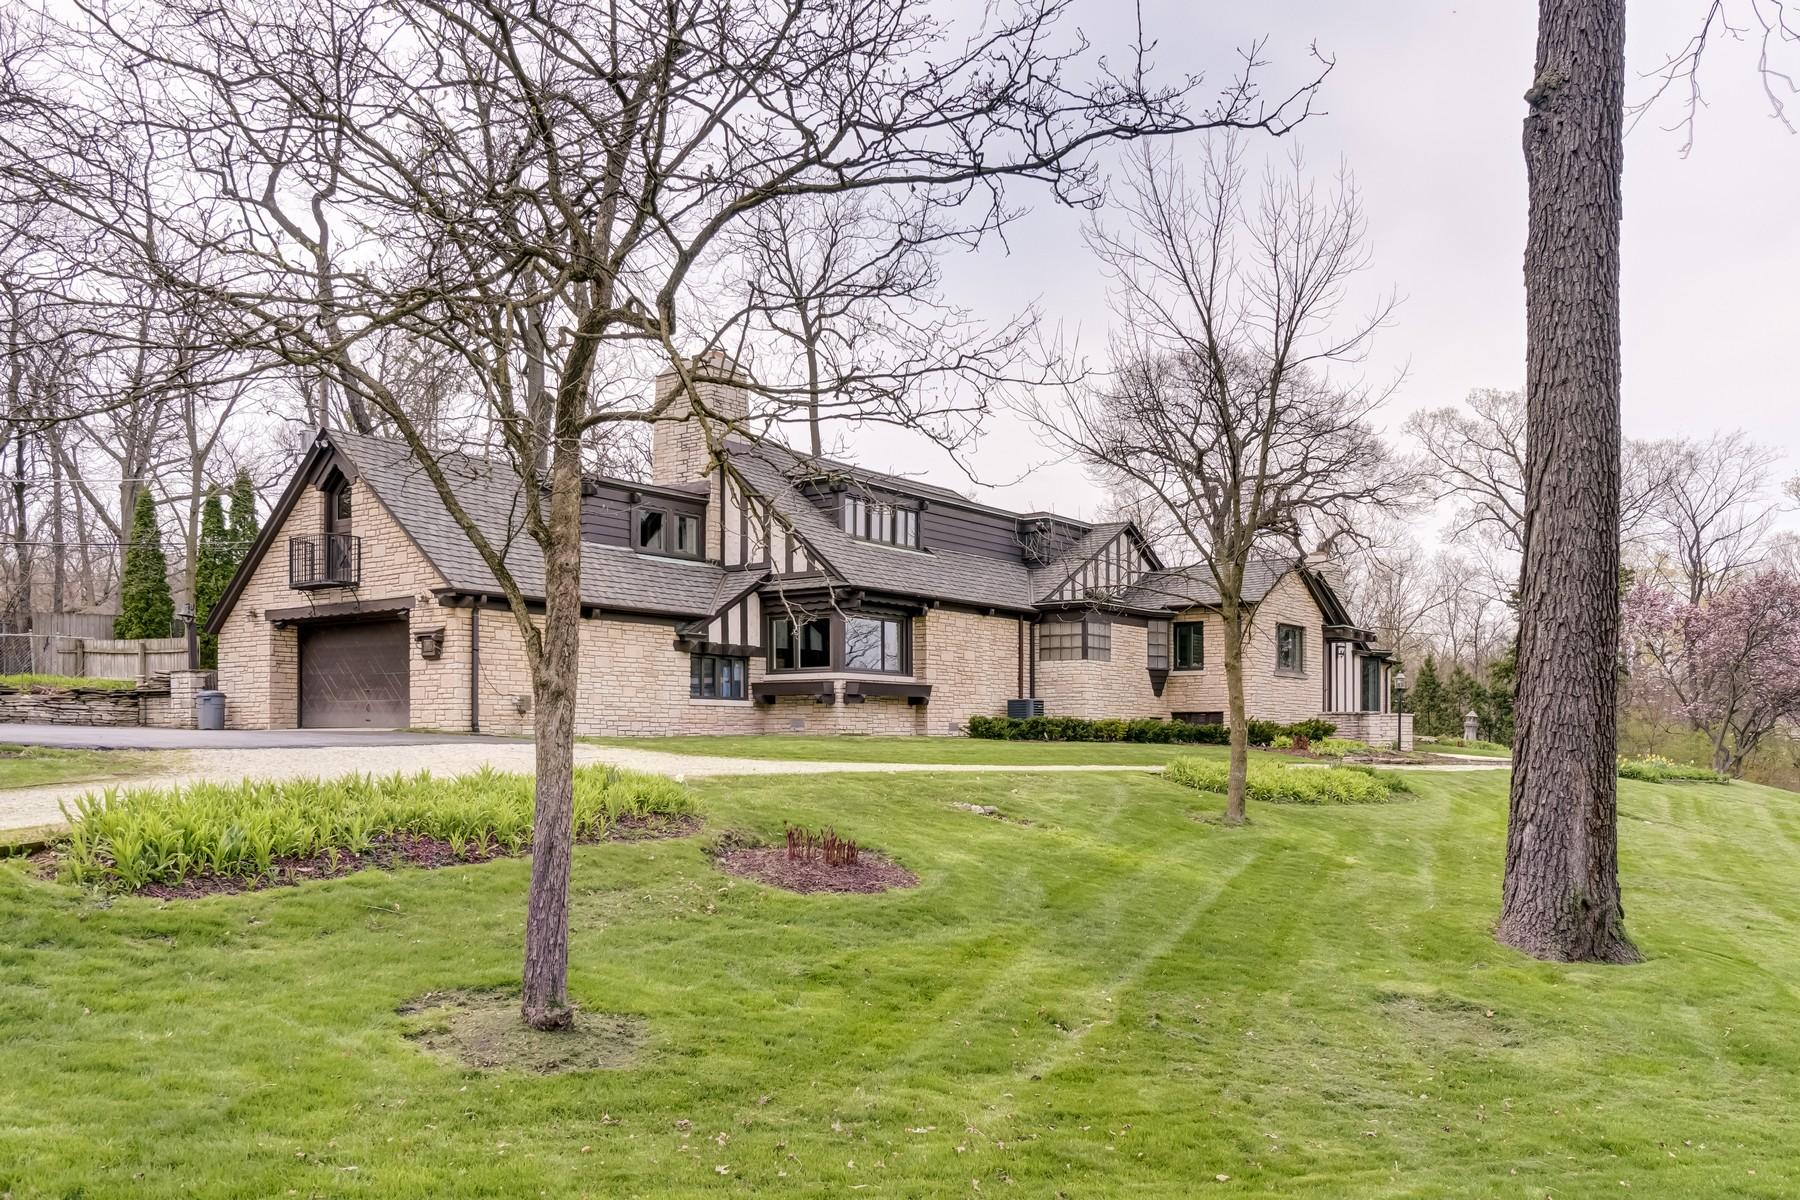 独户住宅 为 销售 在 Indiana Limestone Tudor on 1.75 Acres 1340 Maple Avenue 纳斯格罗夫, 伊利诺斯州, 60515 美国